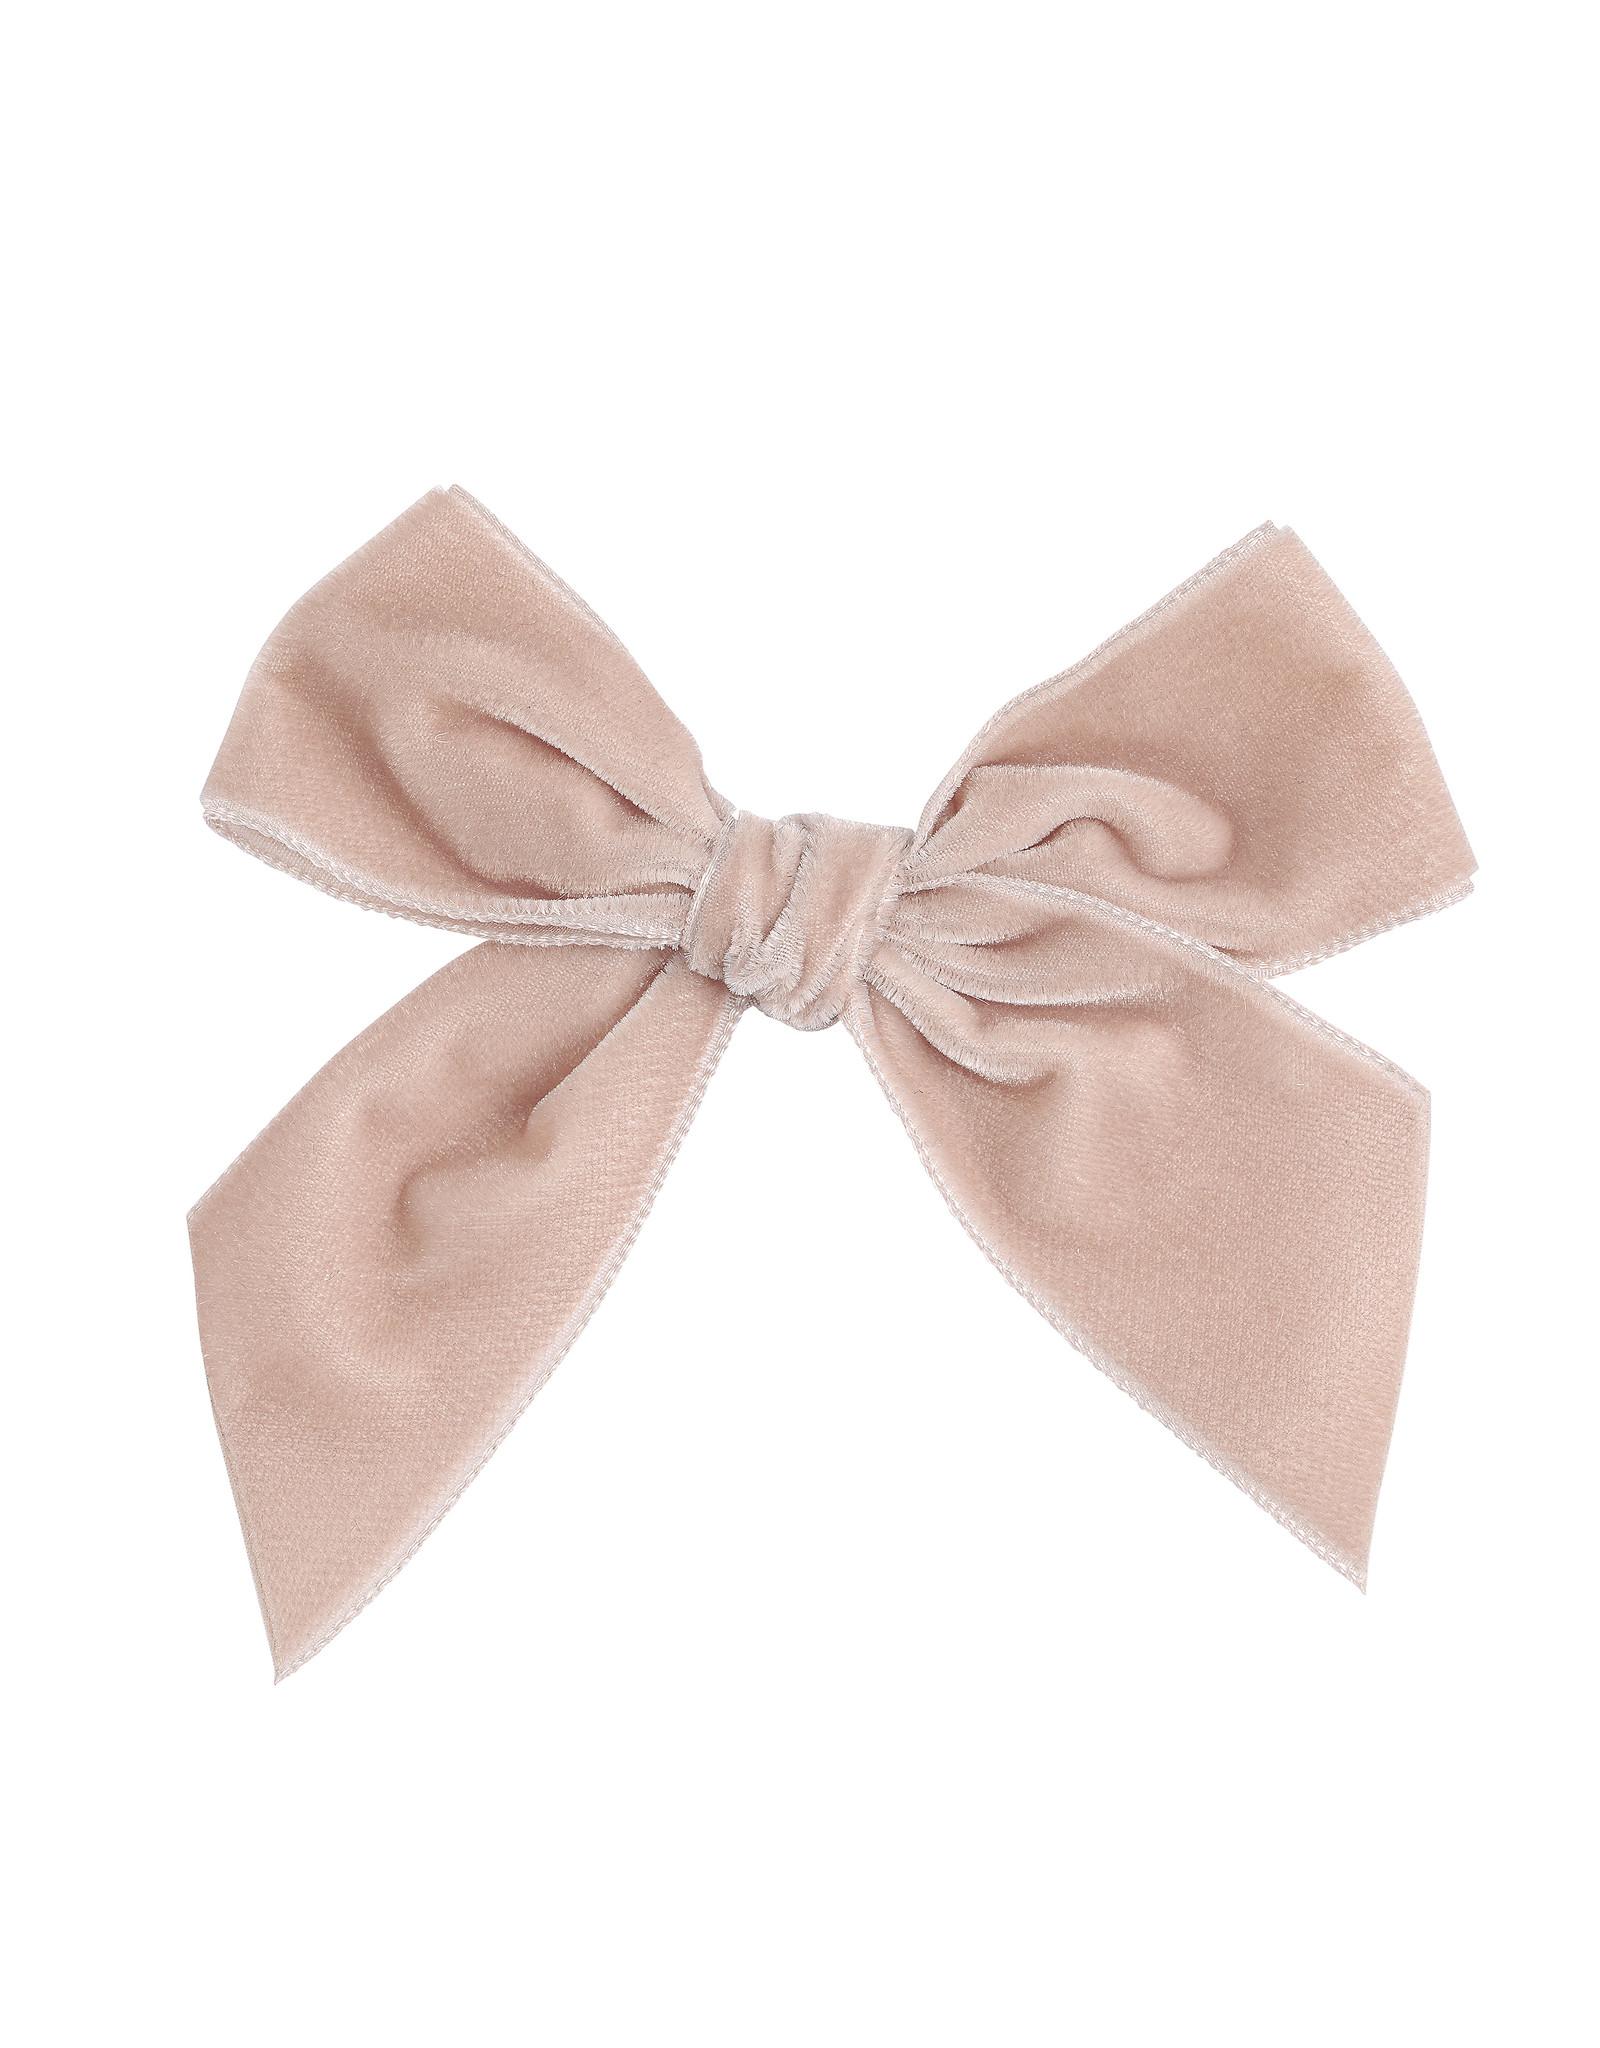 CONDOR Nude Velvet Hair Bow